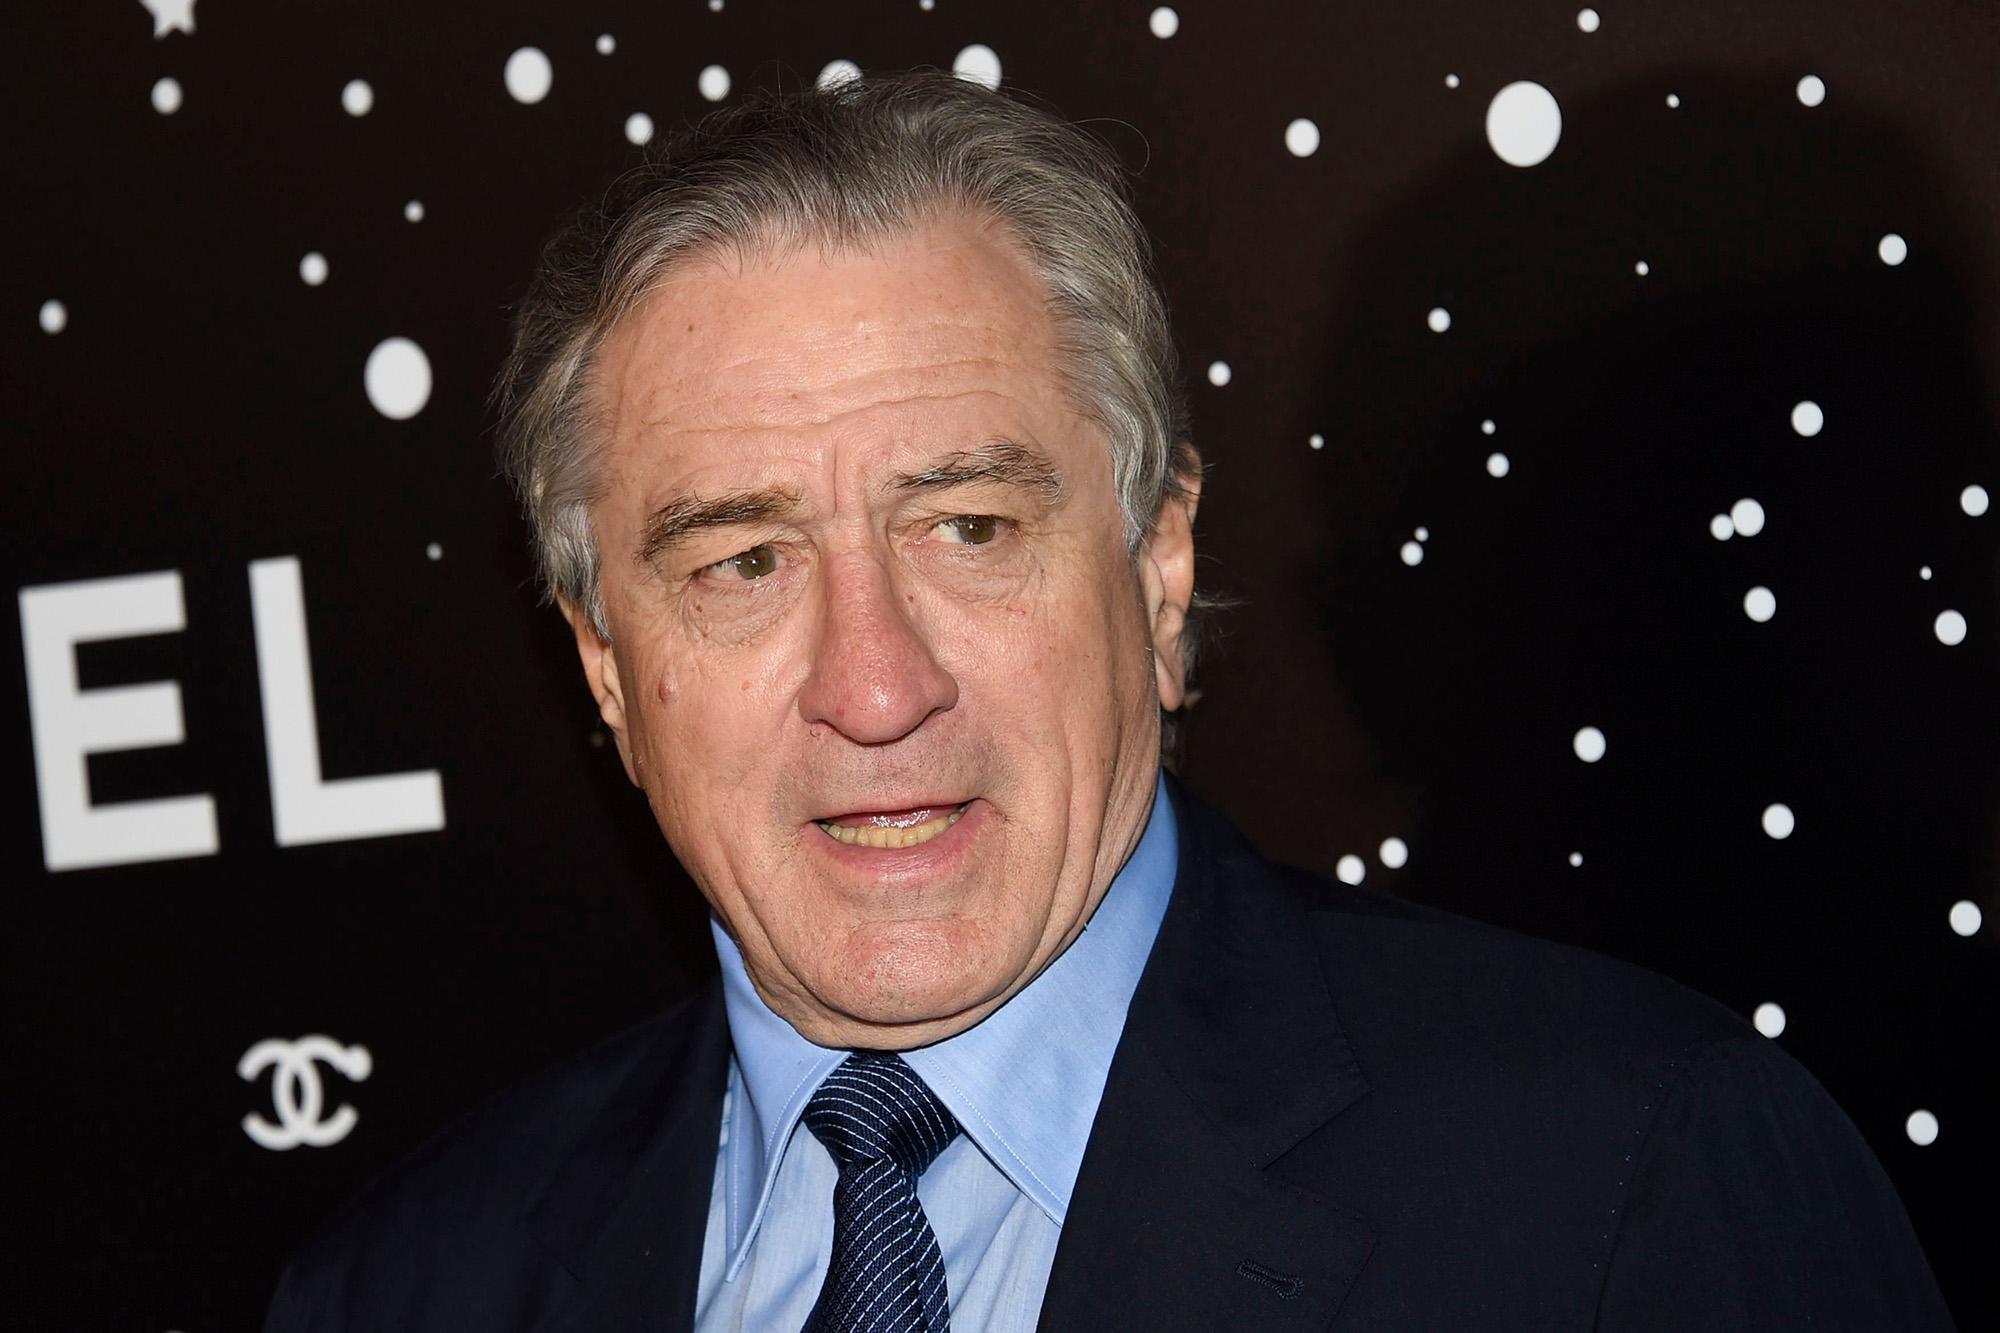 Robert De Niro presenta una demanda millonaria contra una exempleada